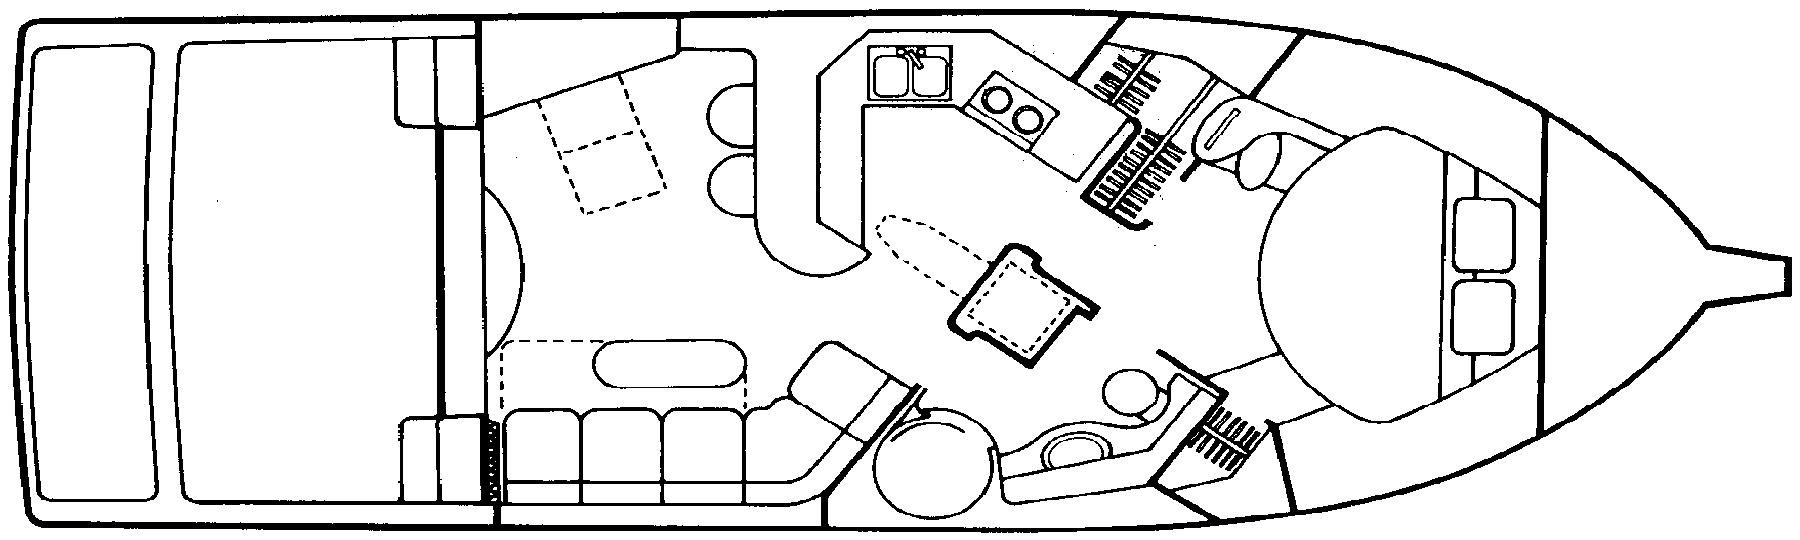 4285 Express Bridge Floor Plan 1